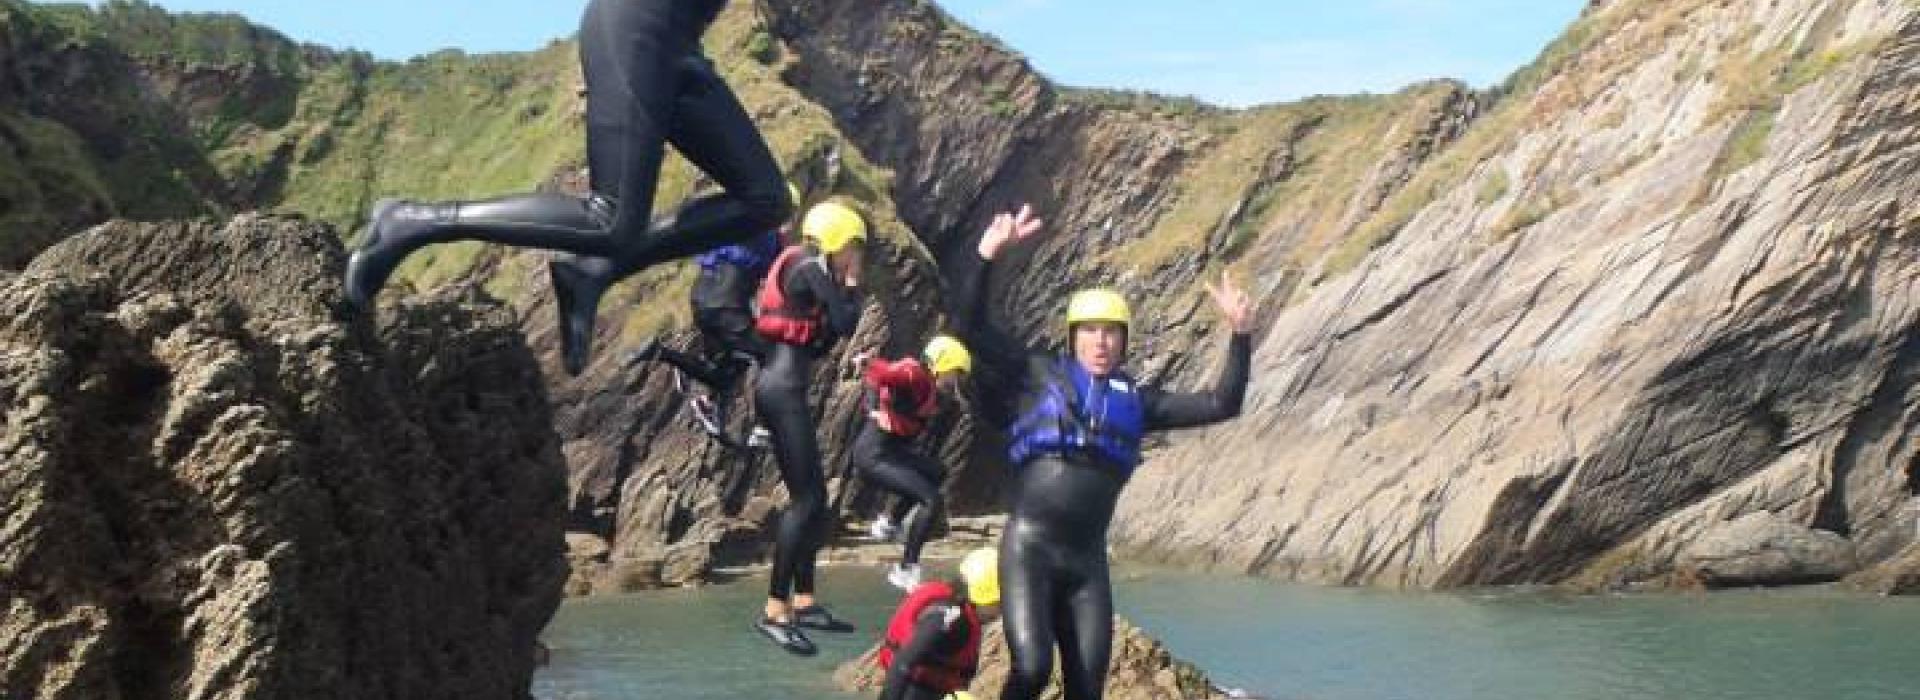 coasteering devon, coasteering north devon, things to do near me, watersports devon, activities, stag activities, adrenaline activities, private coasteering devon